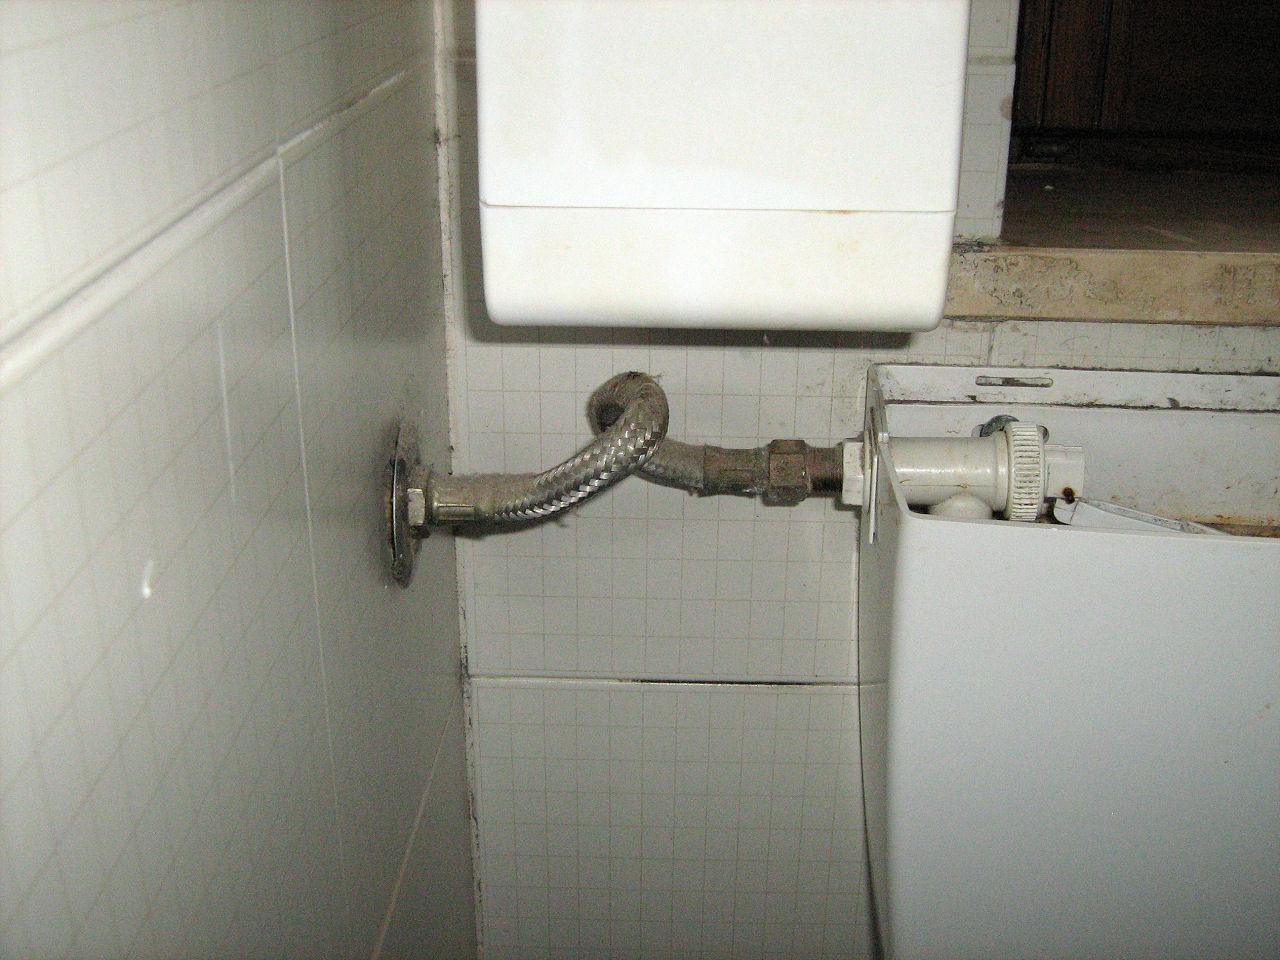 Vasca di scarico del water - Scarico acqua bagno ...